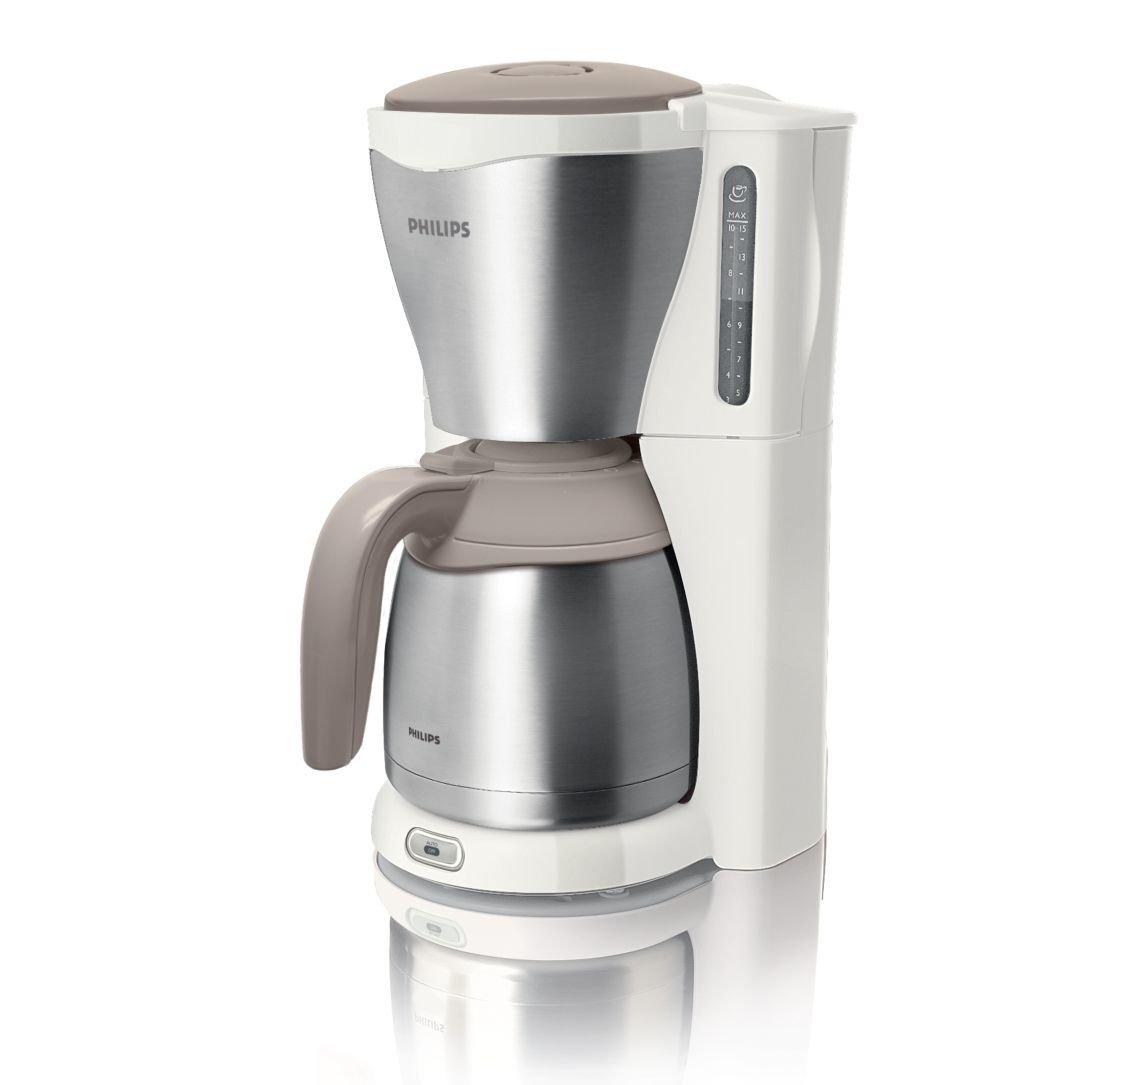 Philips Viva HD7546/00 - Cafetera (Independiente, Cafetera de filtro, 1,2 L, De café molido, 1000 W, Plata): Amazon.es: Hogar